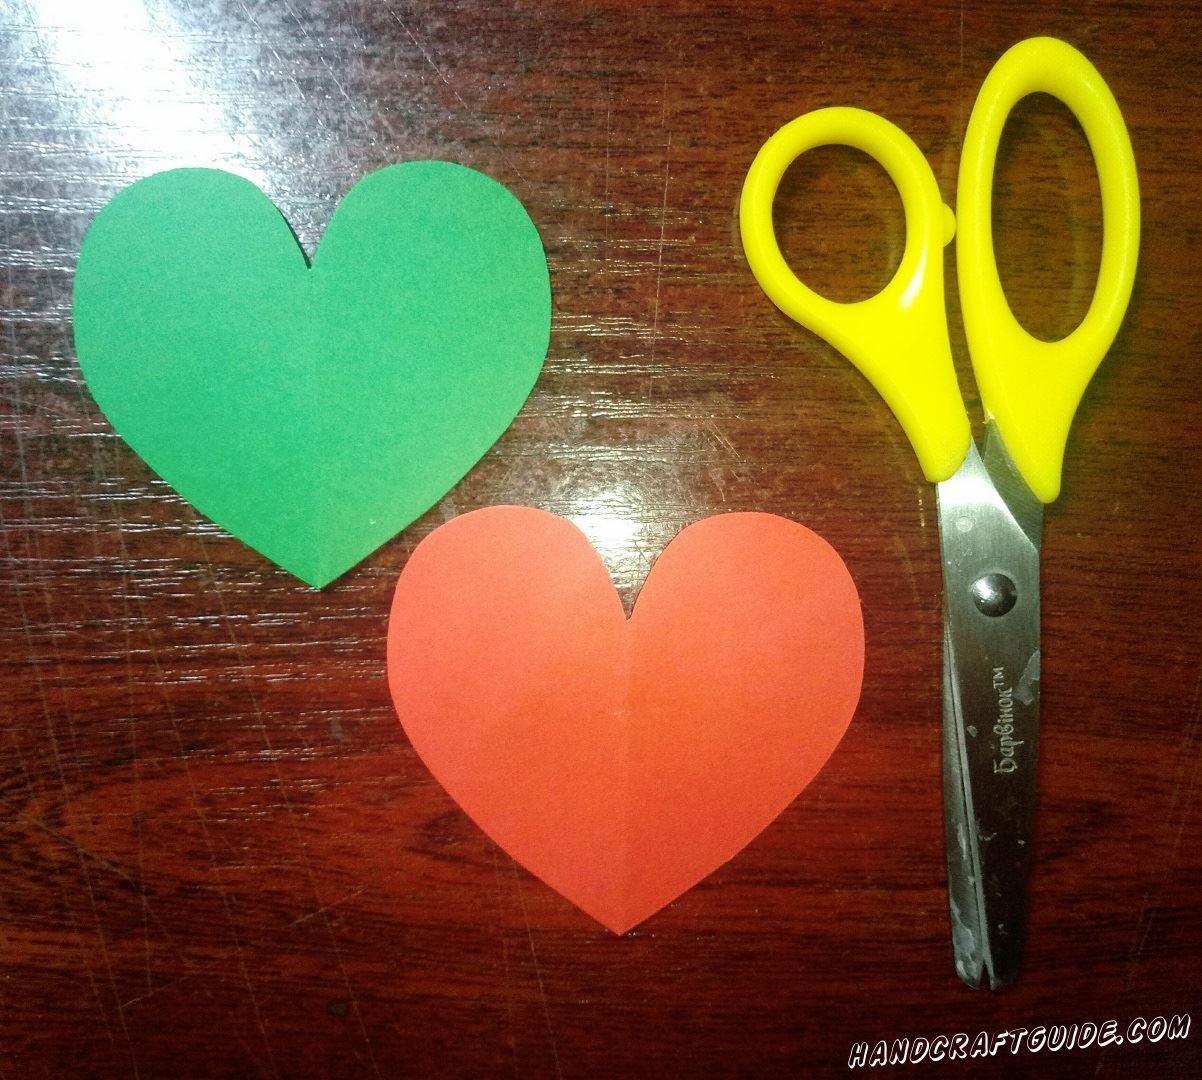 Вырезаем сердечко из бумаги красного цвета и такое же, но чуть большего размера, зелёного цвета.